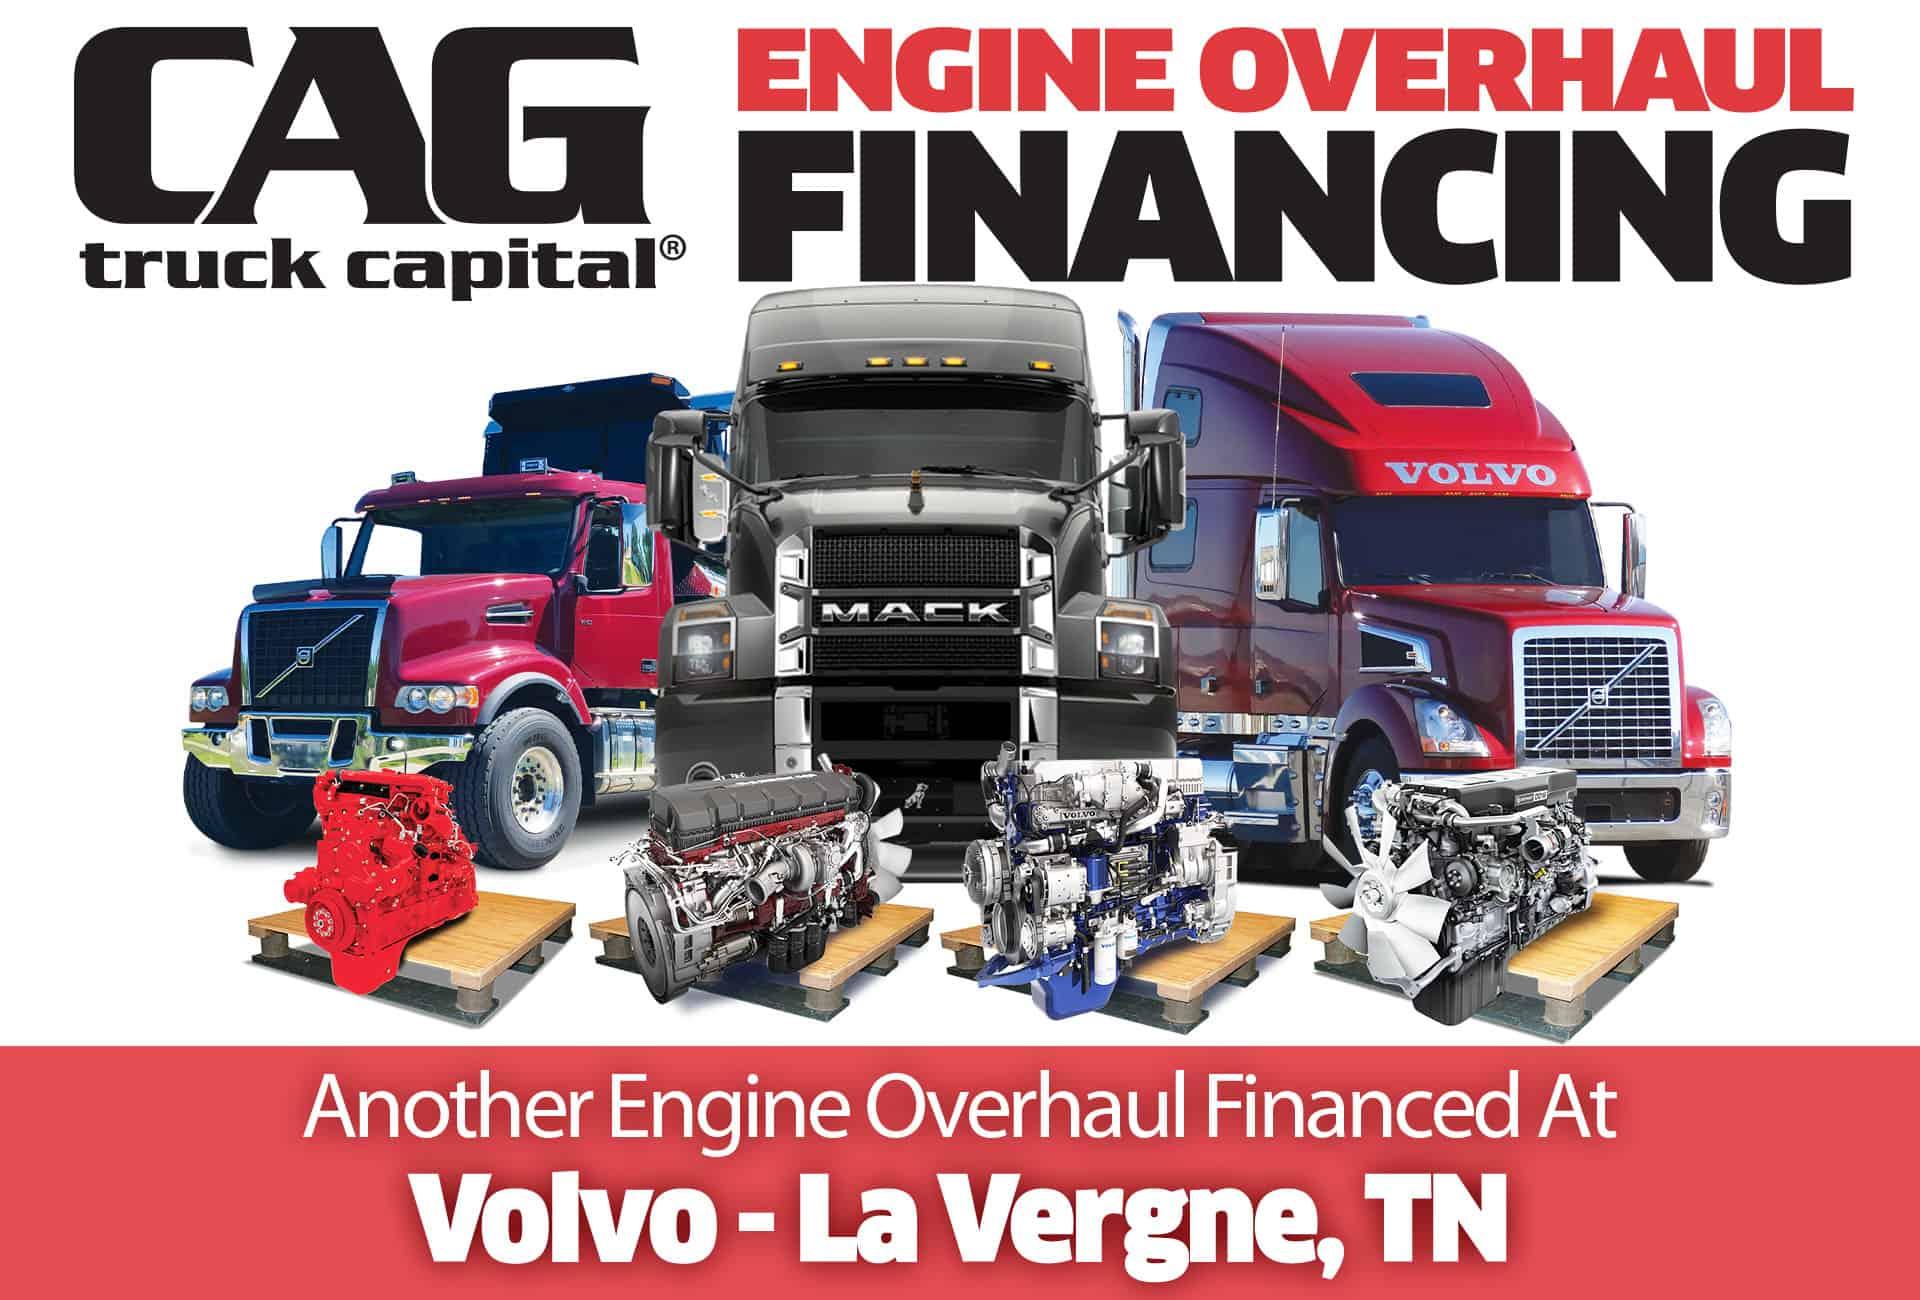 Volvo Engine Overhauls In La Vergne, TN